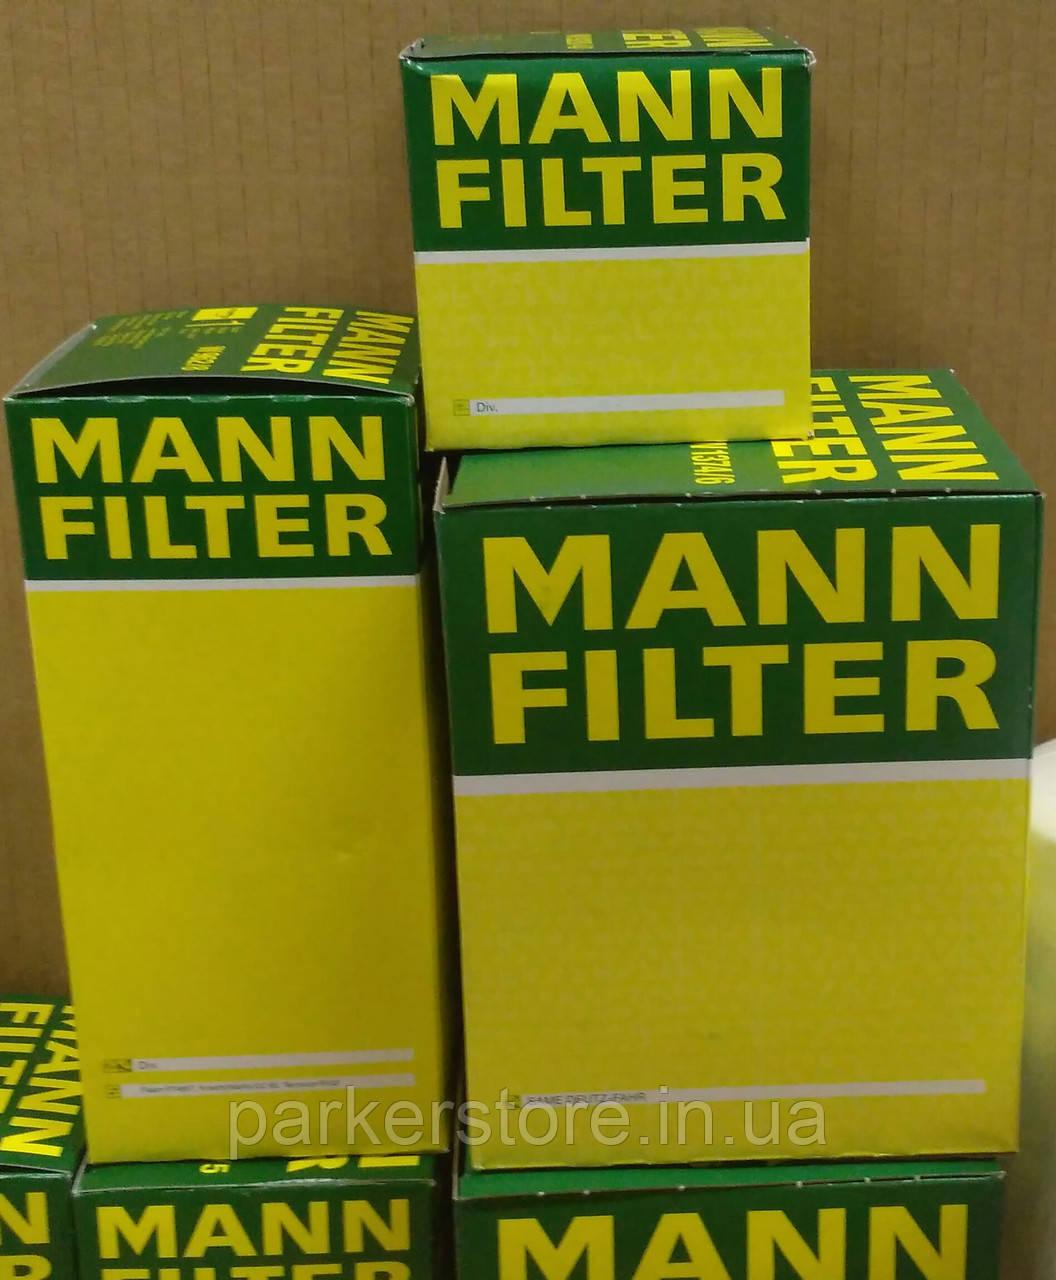 MANN FILTER / Воздушный фильтр / C 2714 / C2714